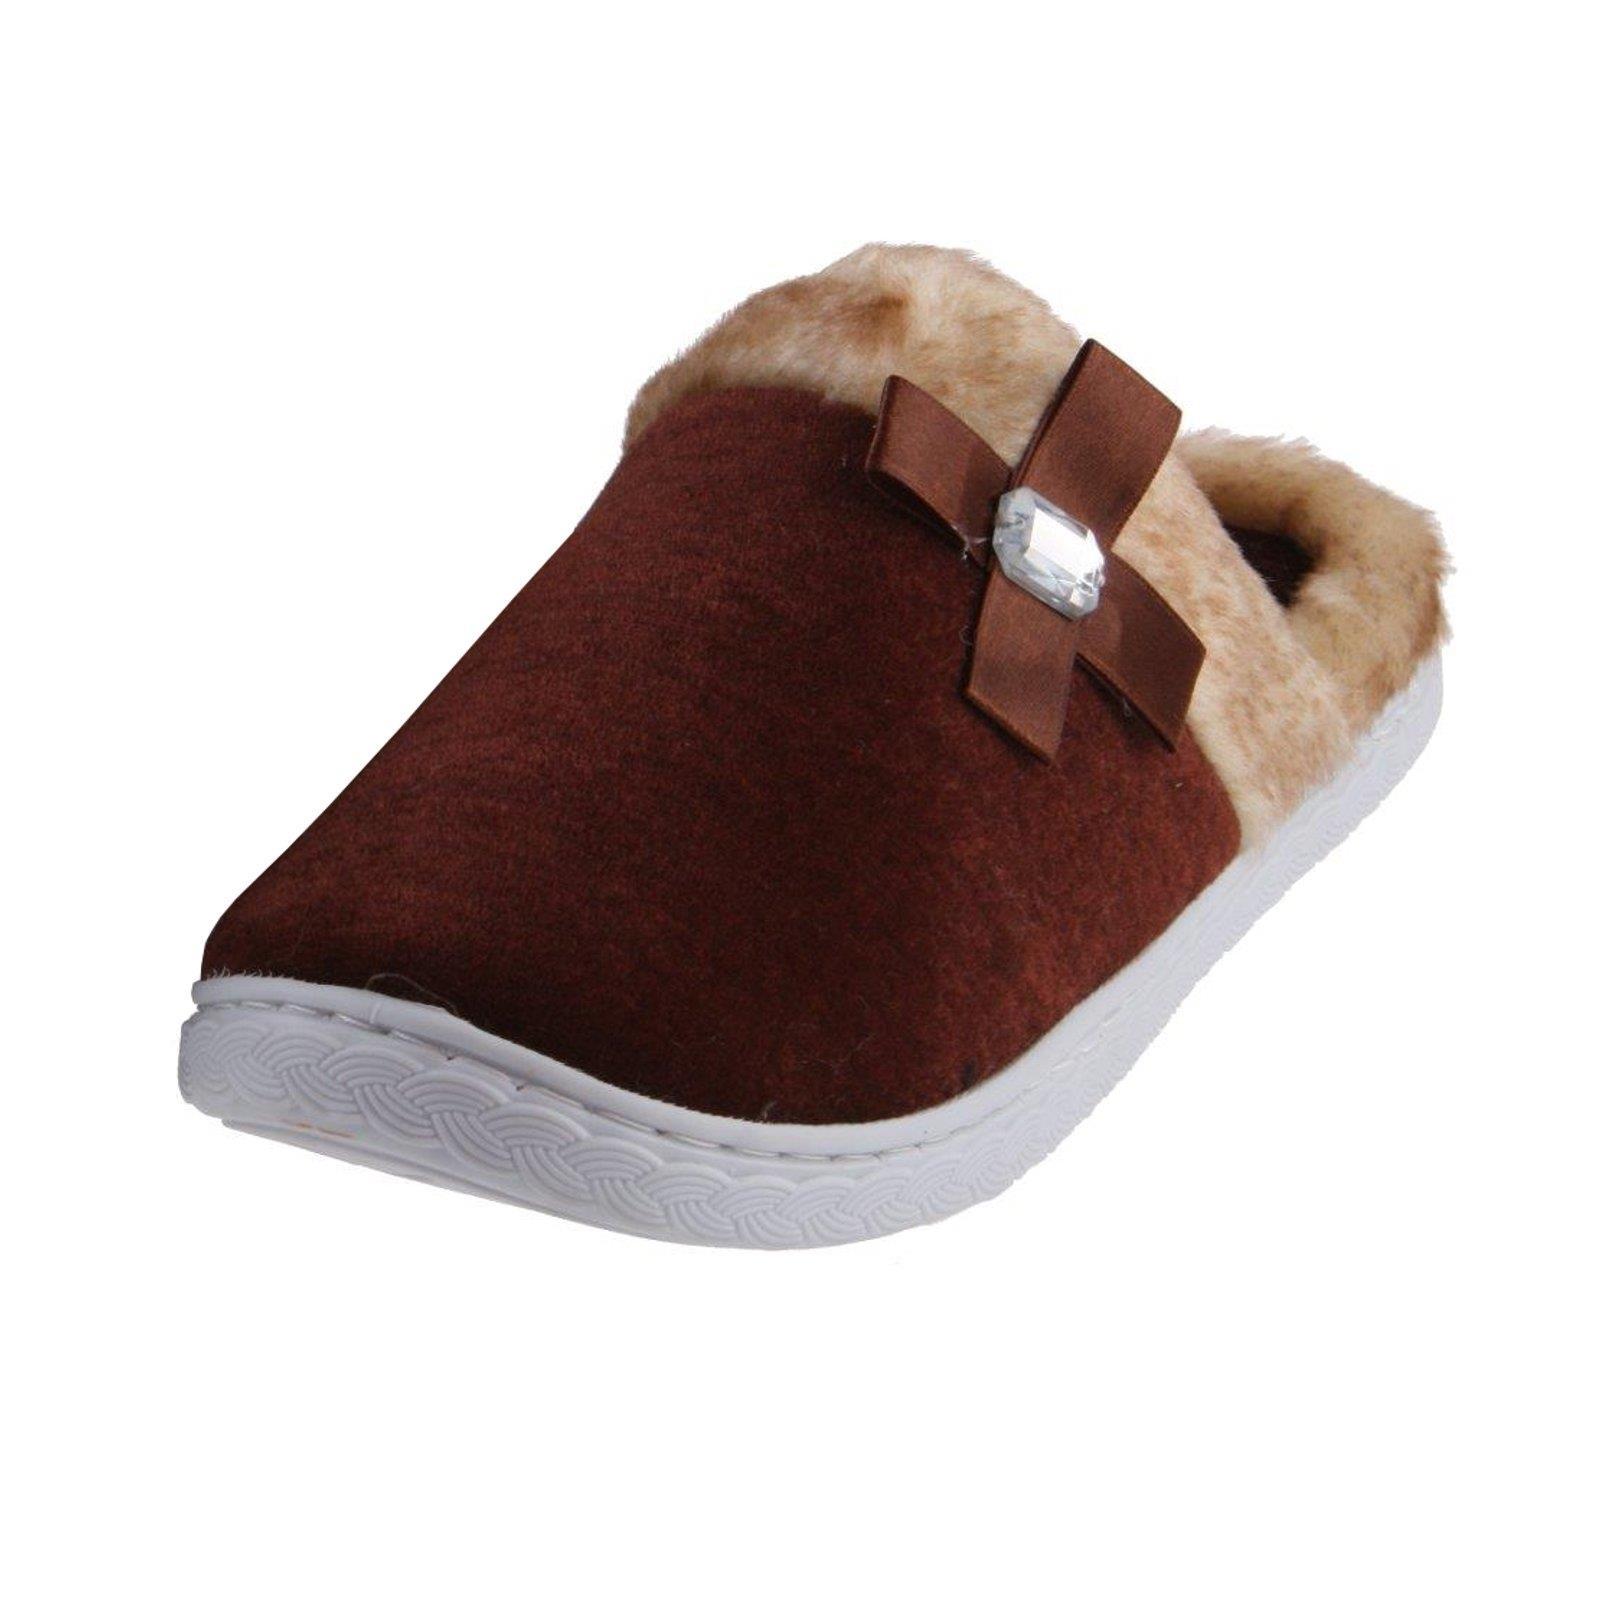 tierhausschuhe damen pantoffeln fellrand mit schleife. Black Bedroom Furniture Sets. Home Design Ideas